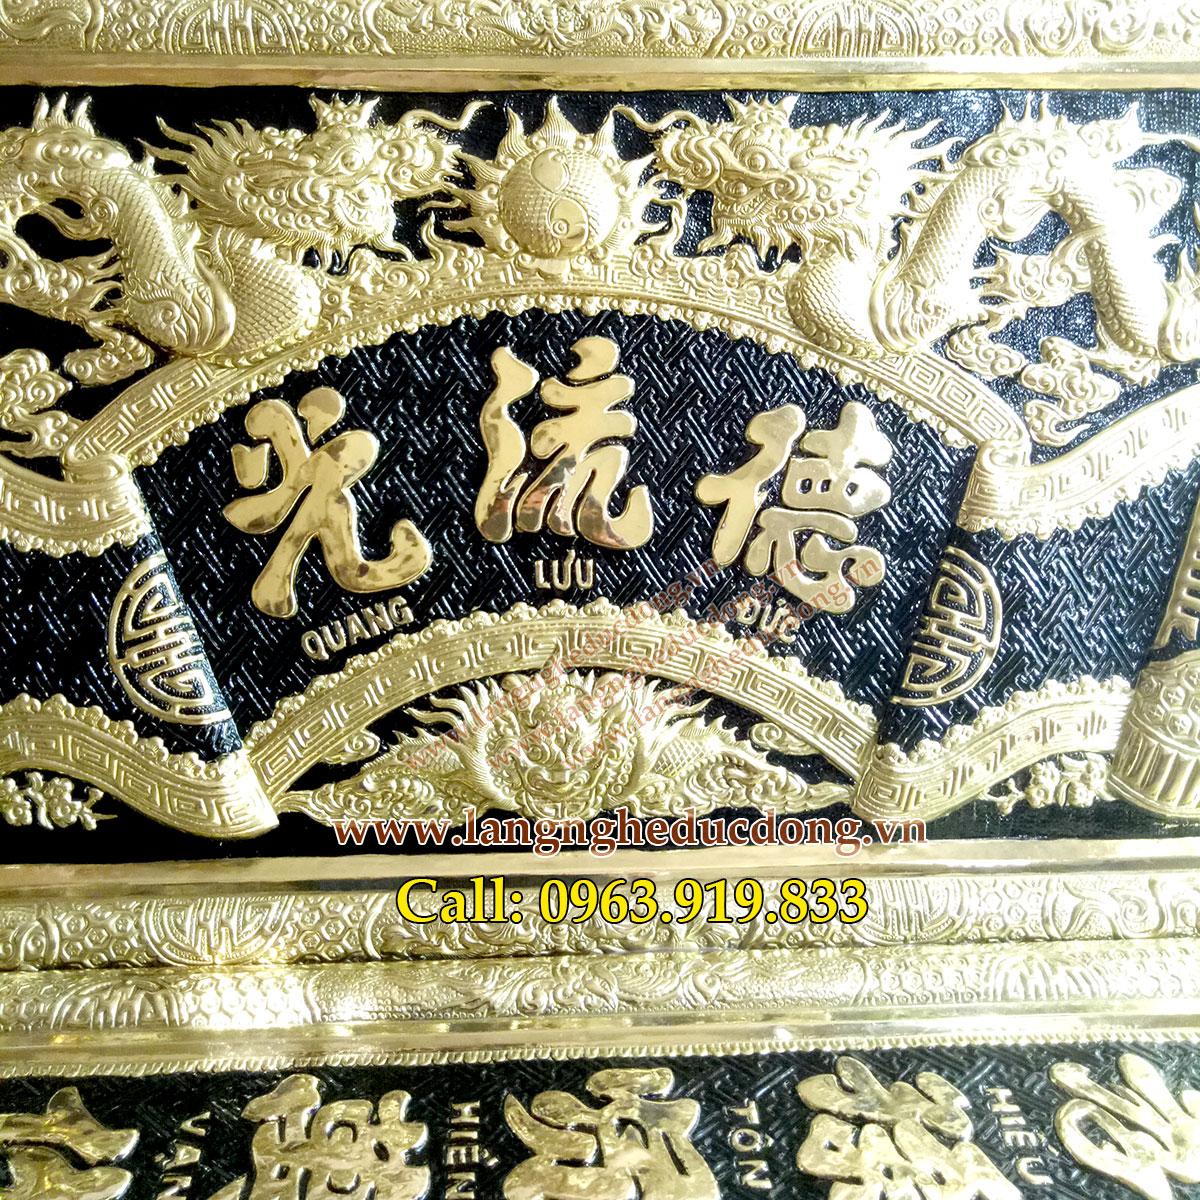 langngheducdong.vn - bộ đại tự đồng vàng nền đen đồng dầy 0.6ly, kích thước 60x155cm